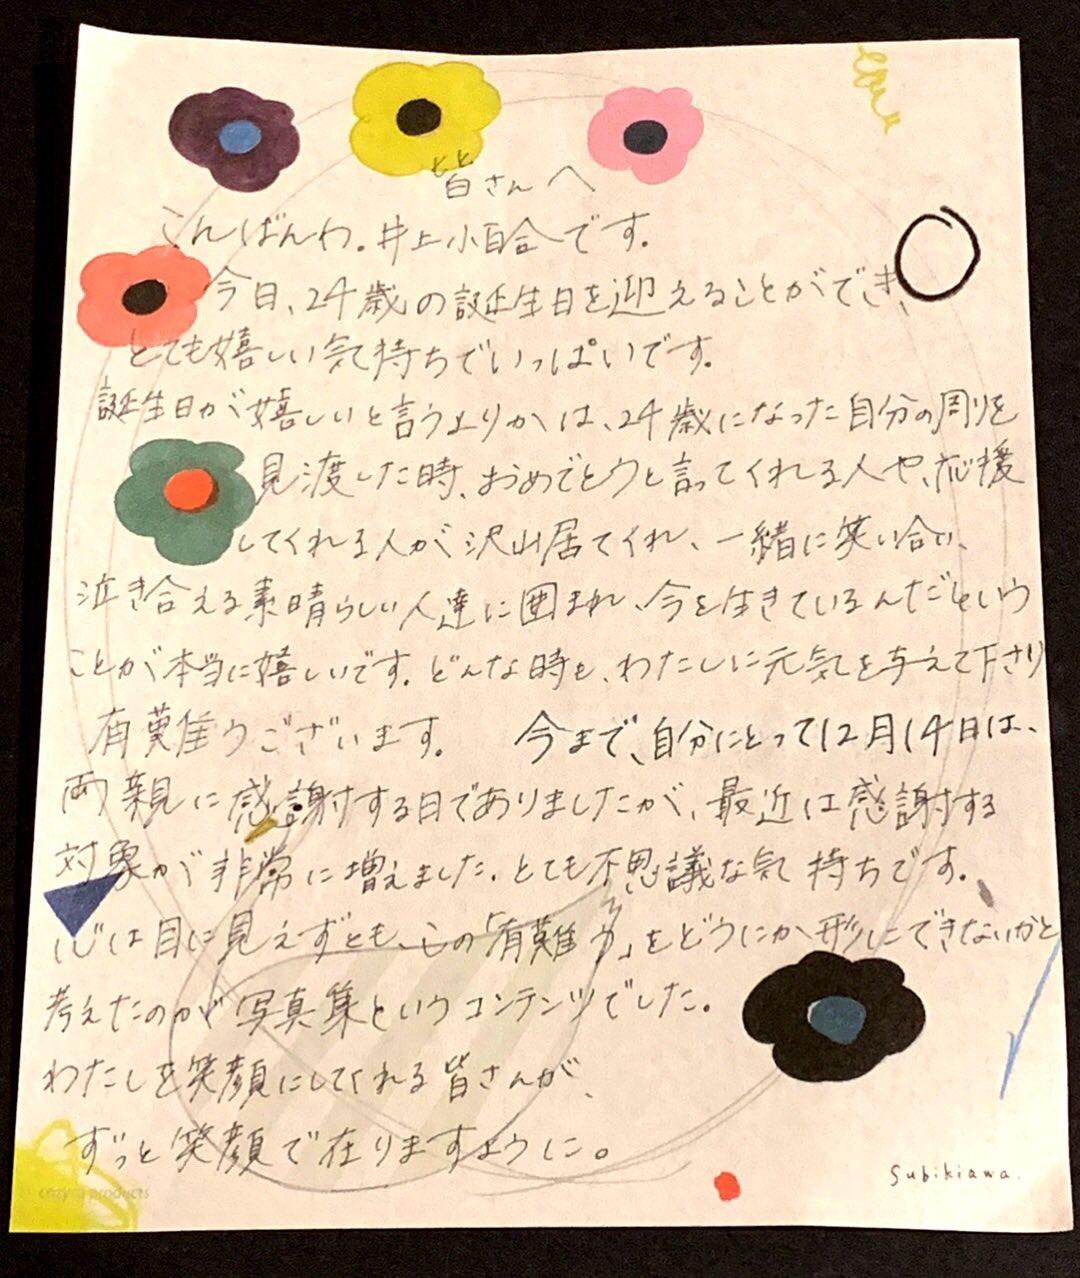 24歳になった乃木坂46井上小百合から直筆メッセージ